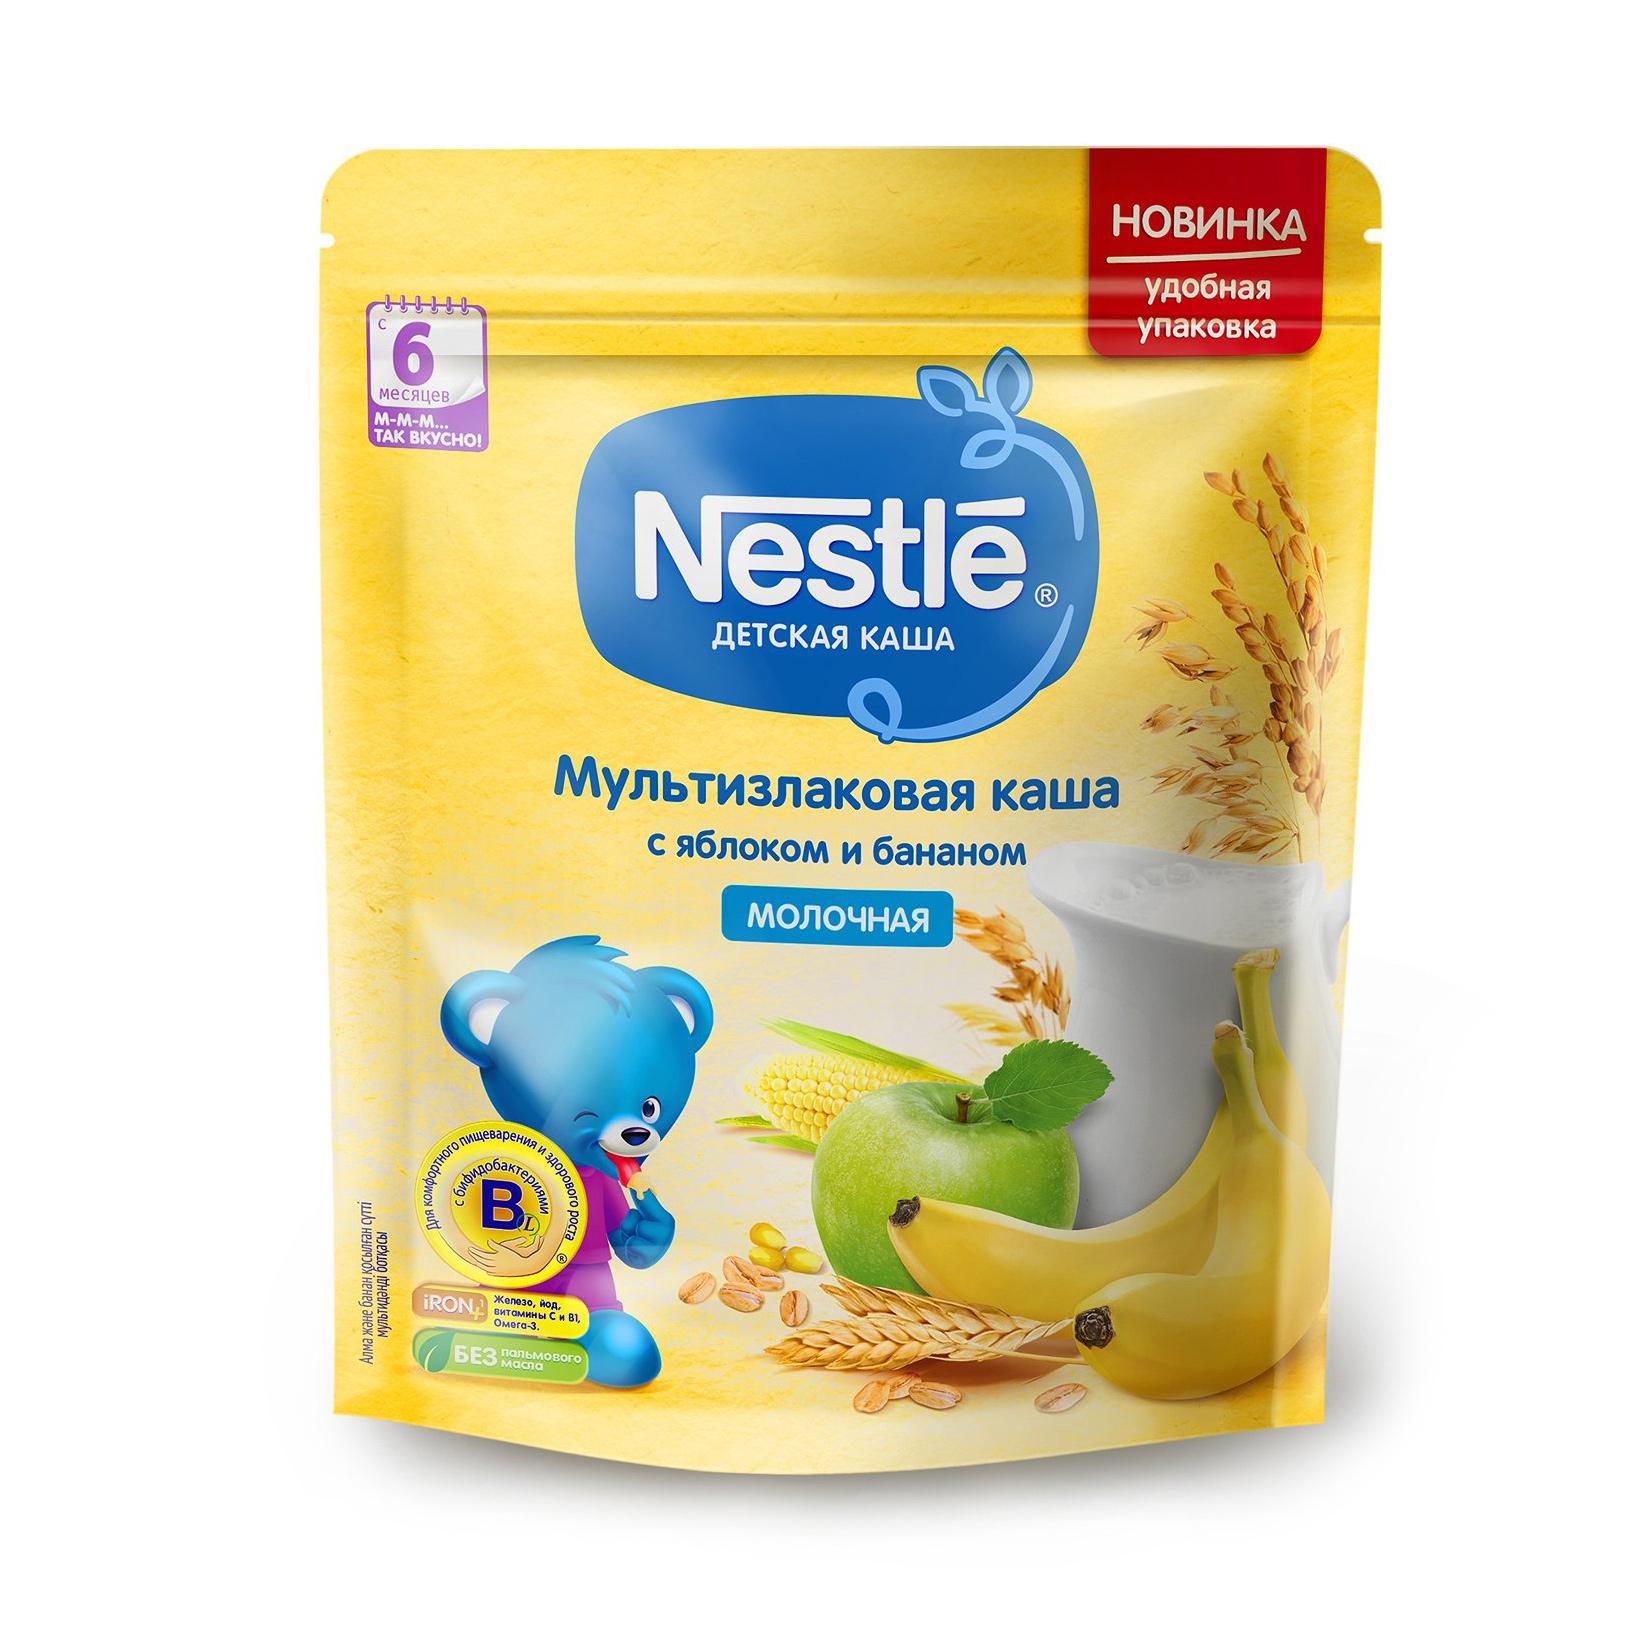 Фото - Каша молочная Nestle мультизлаковая яблоко-банан с 6-ти месяцев 220 г marion nestle pet food politics